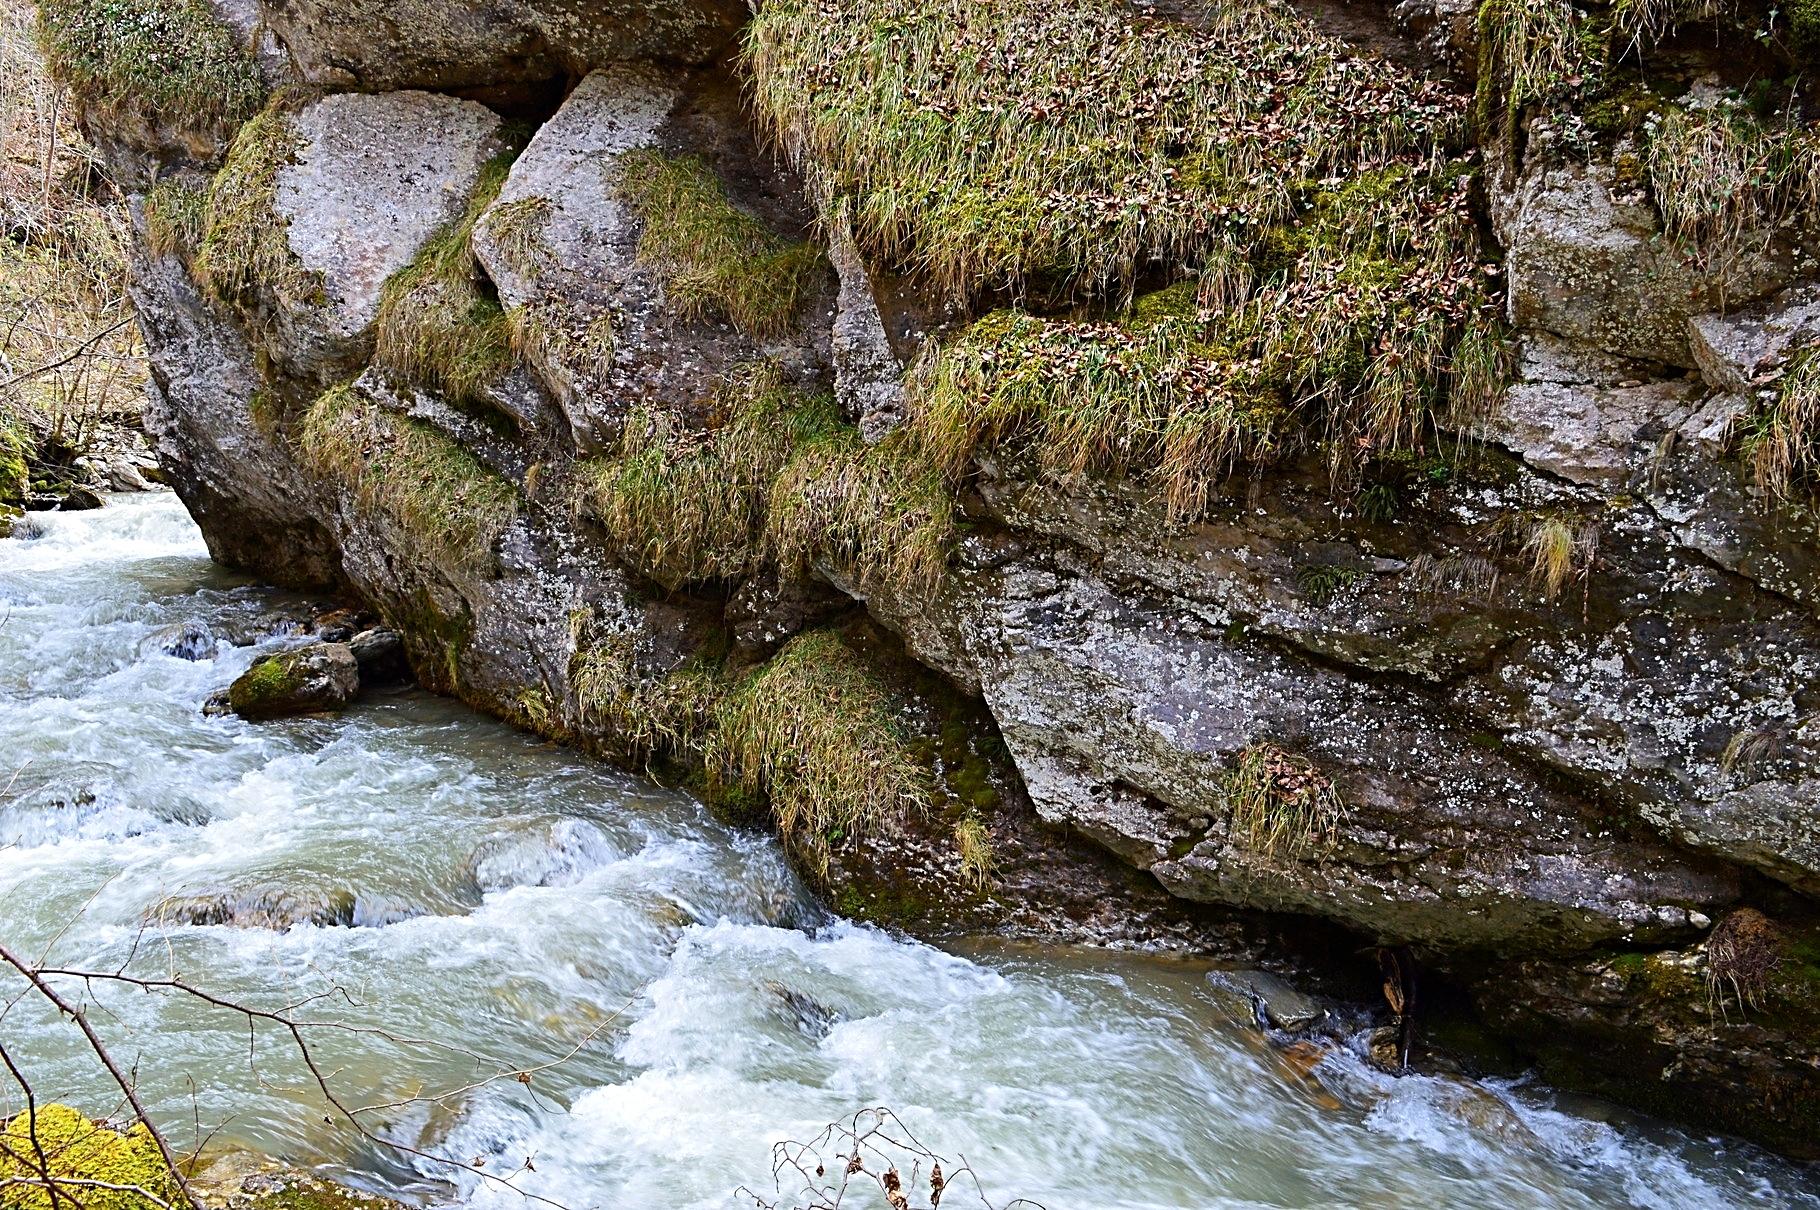 La roche et l 'eau forment de beaux décors tout au long du cours de l 'Ourse.